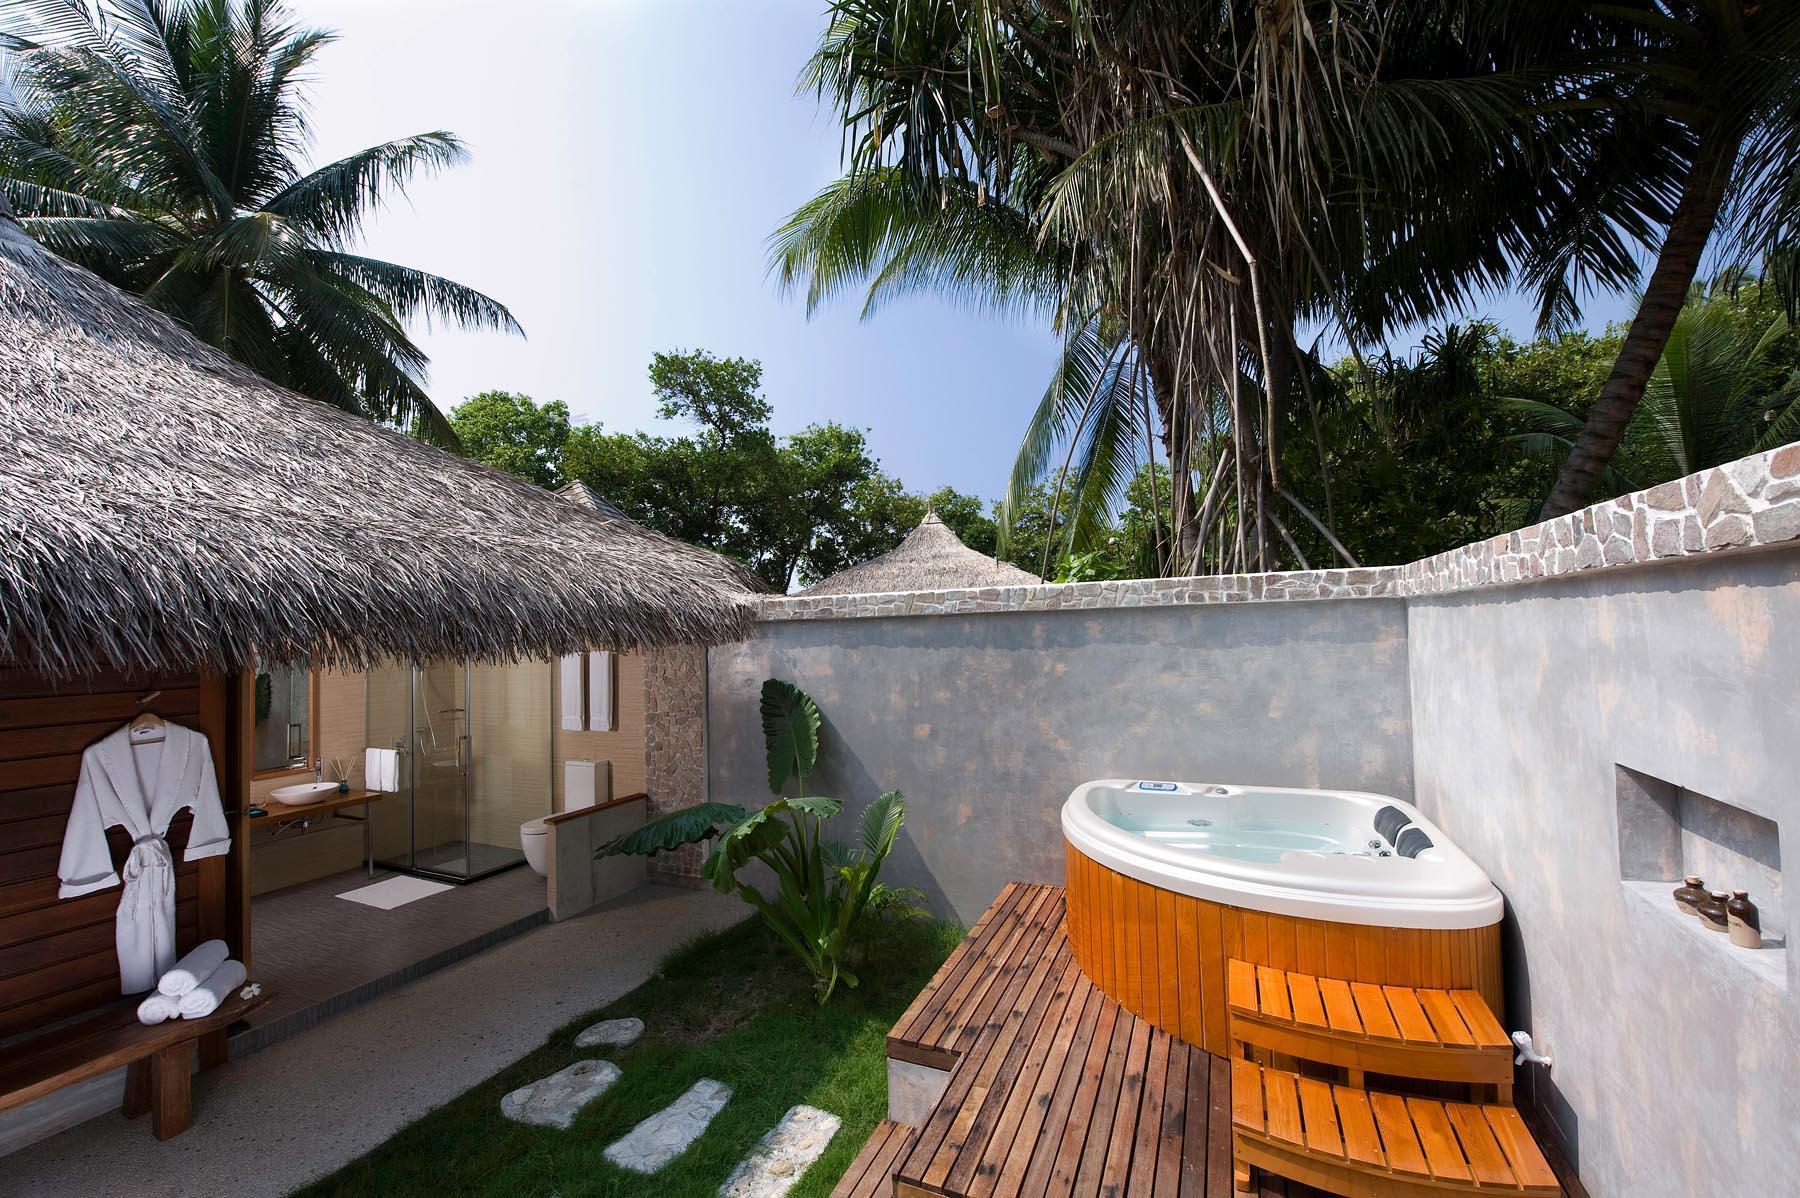 kuramathi-island-maldives-genel-007